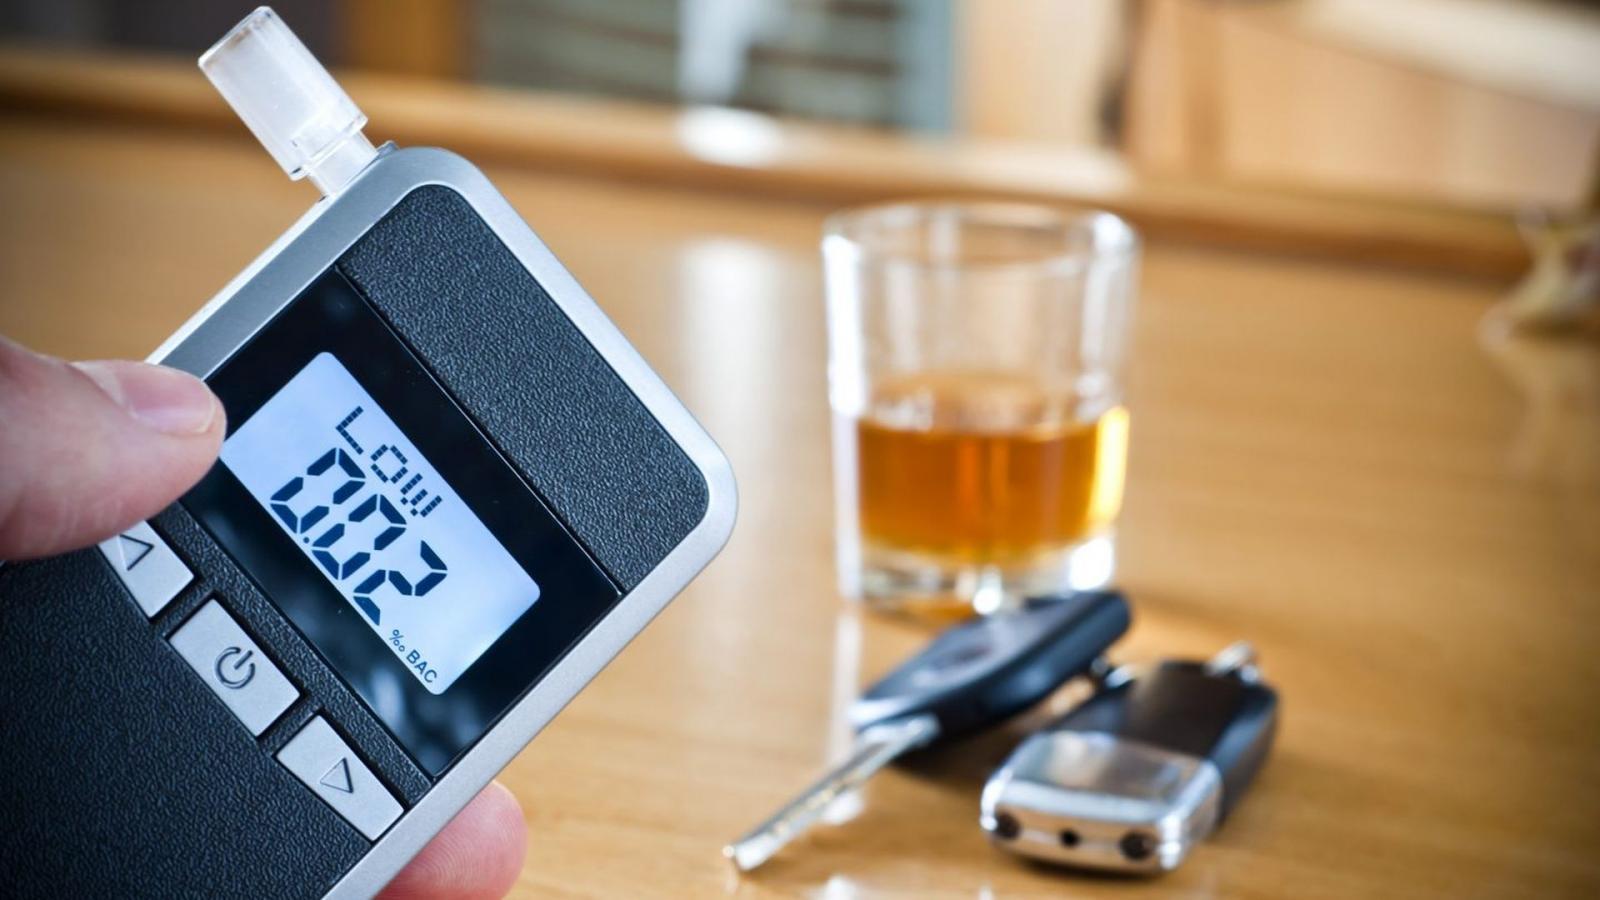 Οδήγηση και αλκοόλ: Μηδενική ανοχή από την Ευρώπη